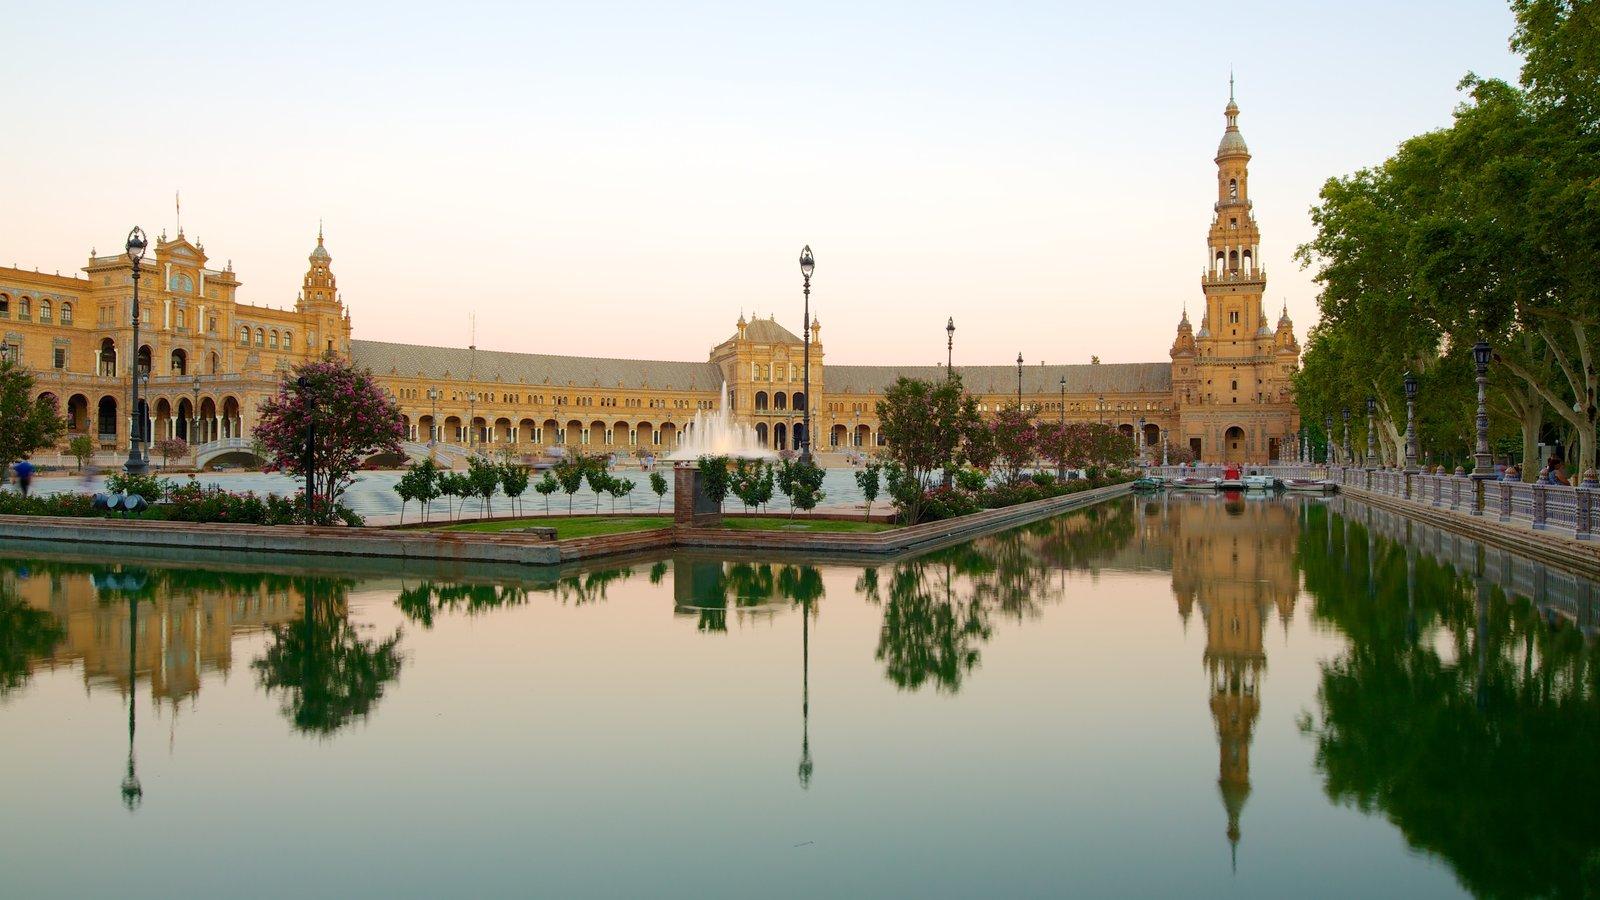 Plaza de España que inclui arquitetura de patrimônio, um castelo e um lago